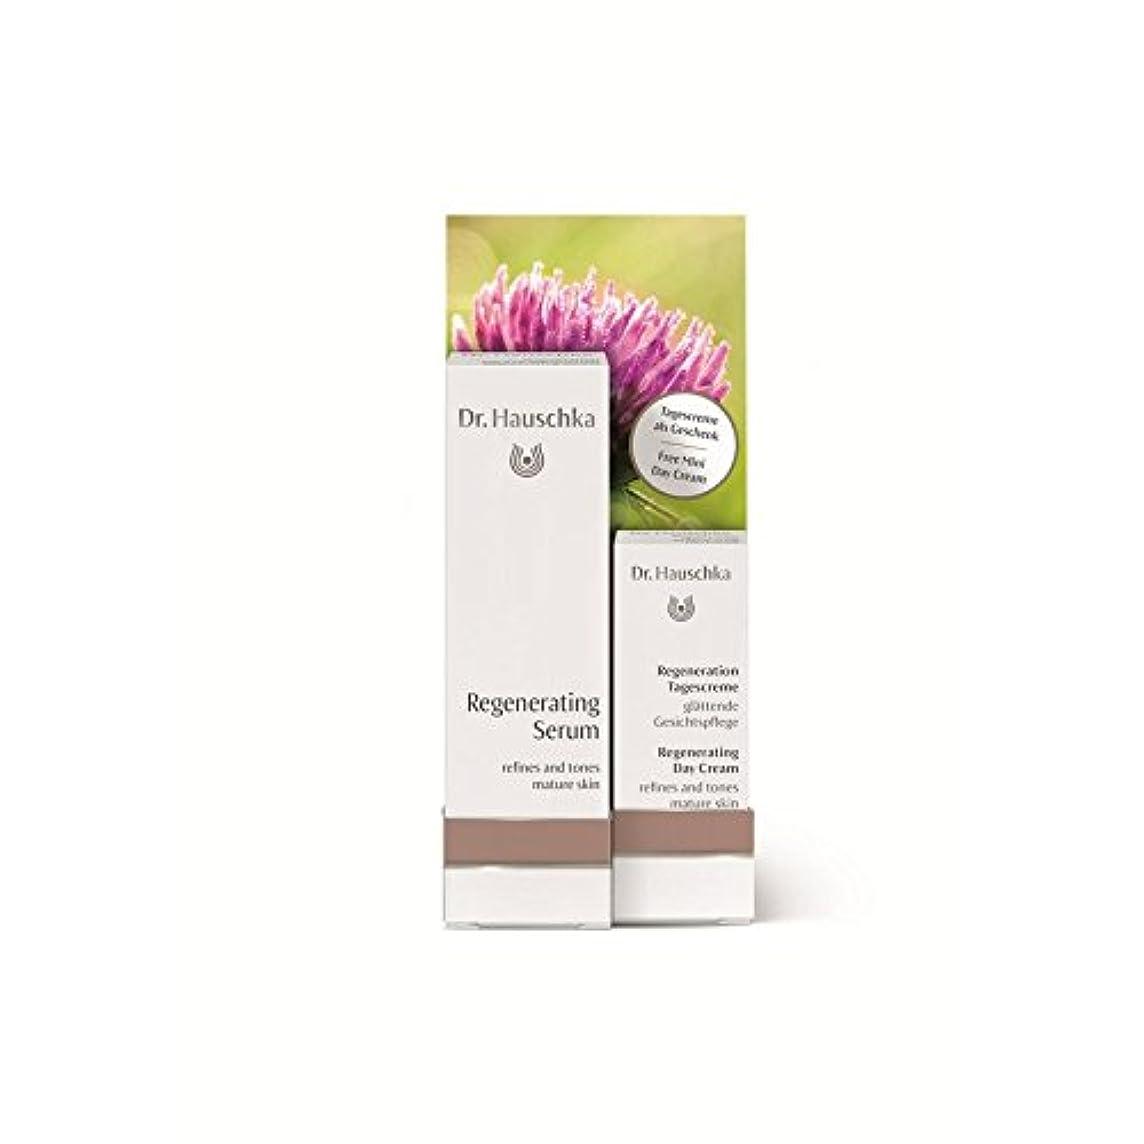 カニパターン不調和Dr. Hauschka Regenerating Serum with a Free Regenerating Day Cream 5ml (Pack of 6) - 無料の再生デイクリーム5ミリリットルで血清を再生ハウシュカ x6 [並行輸入品]